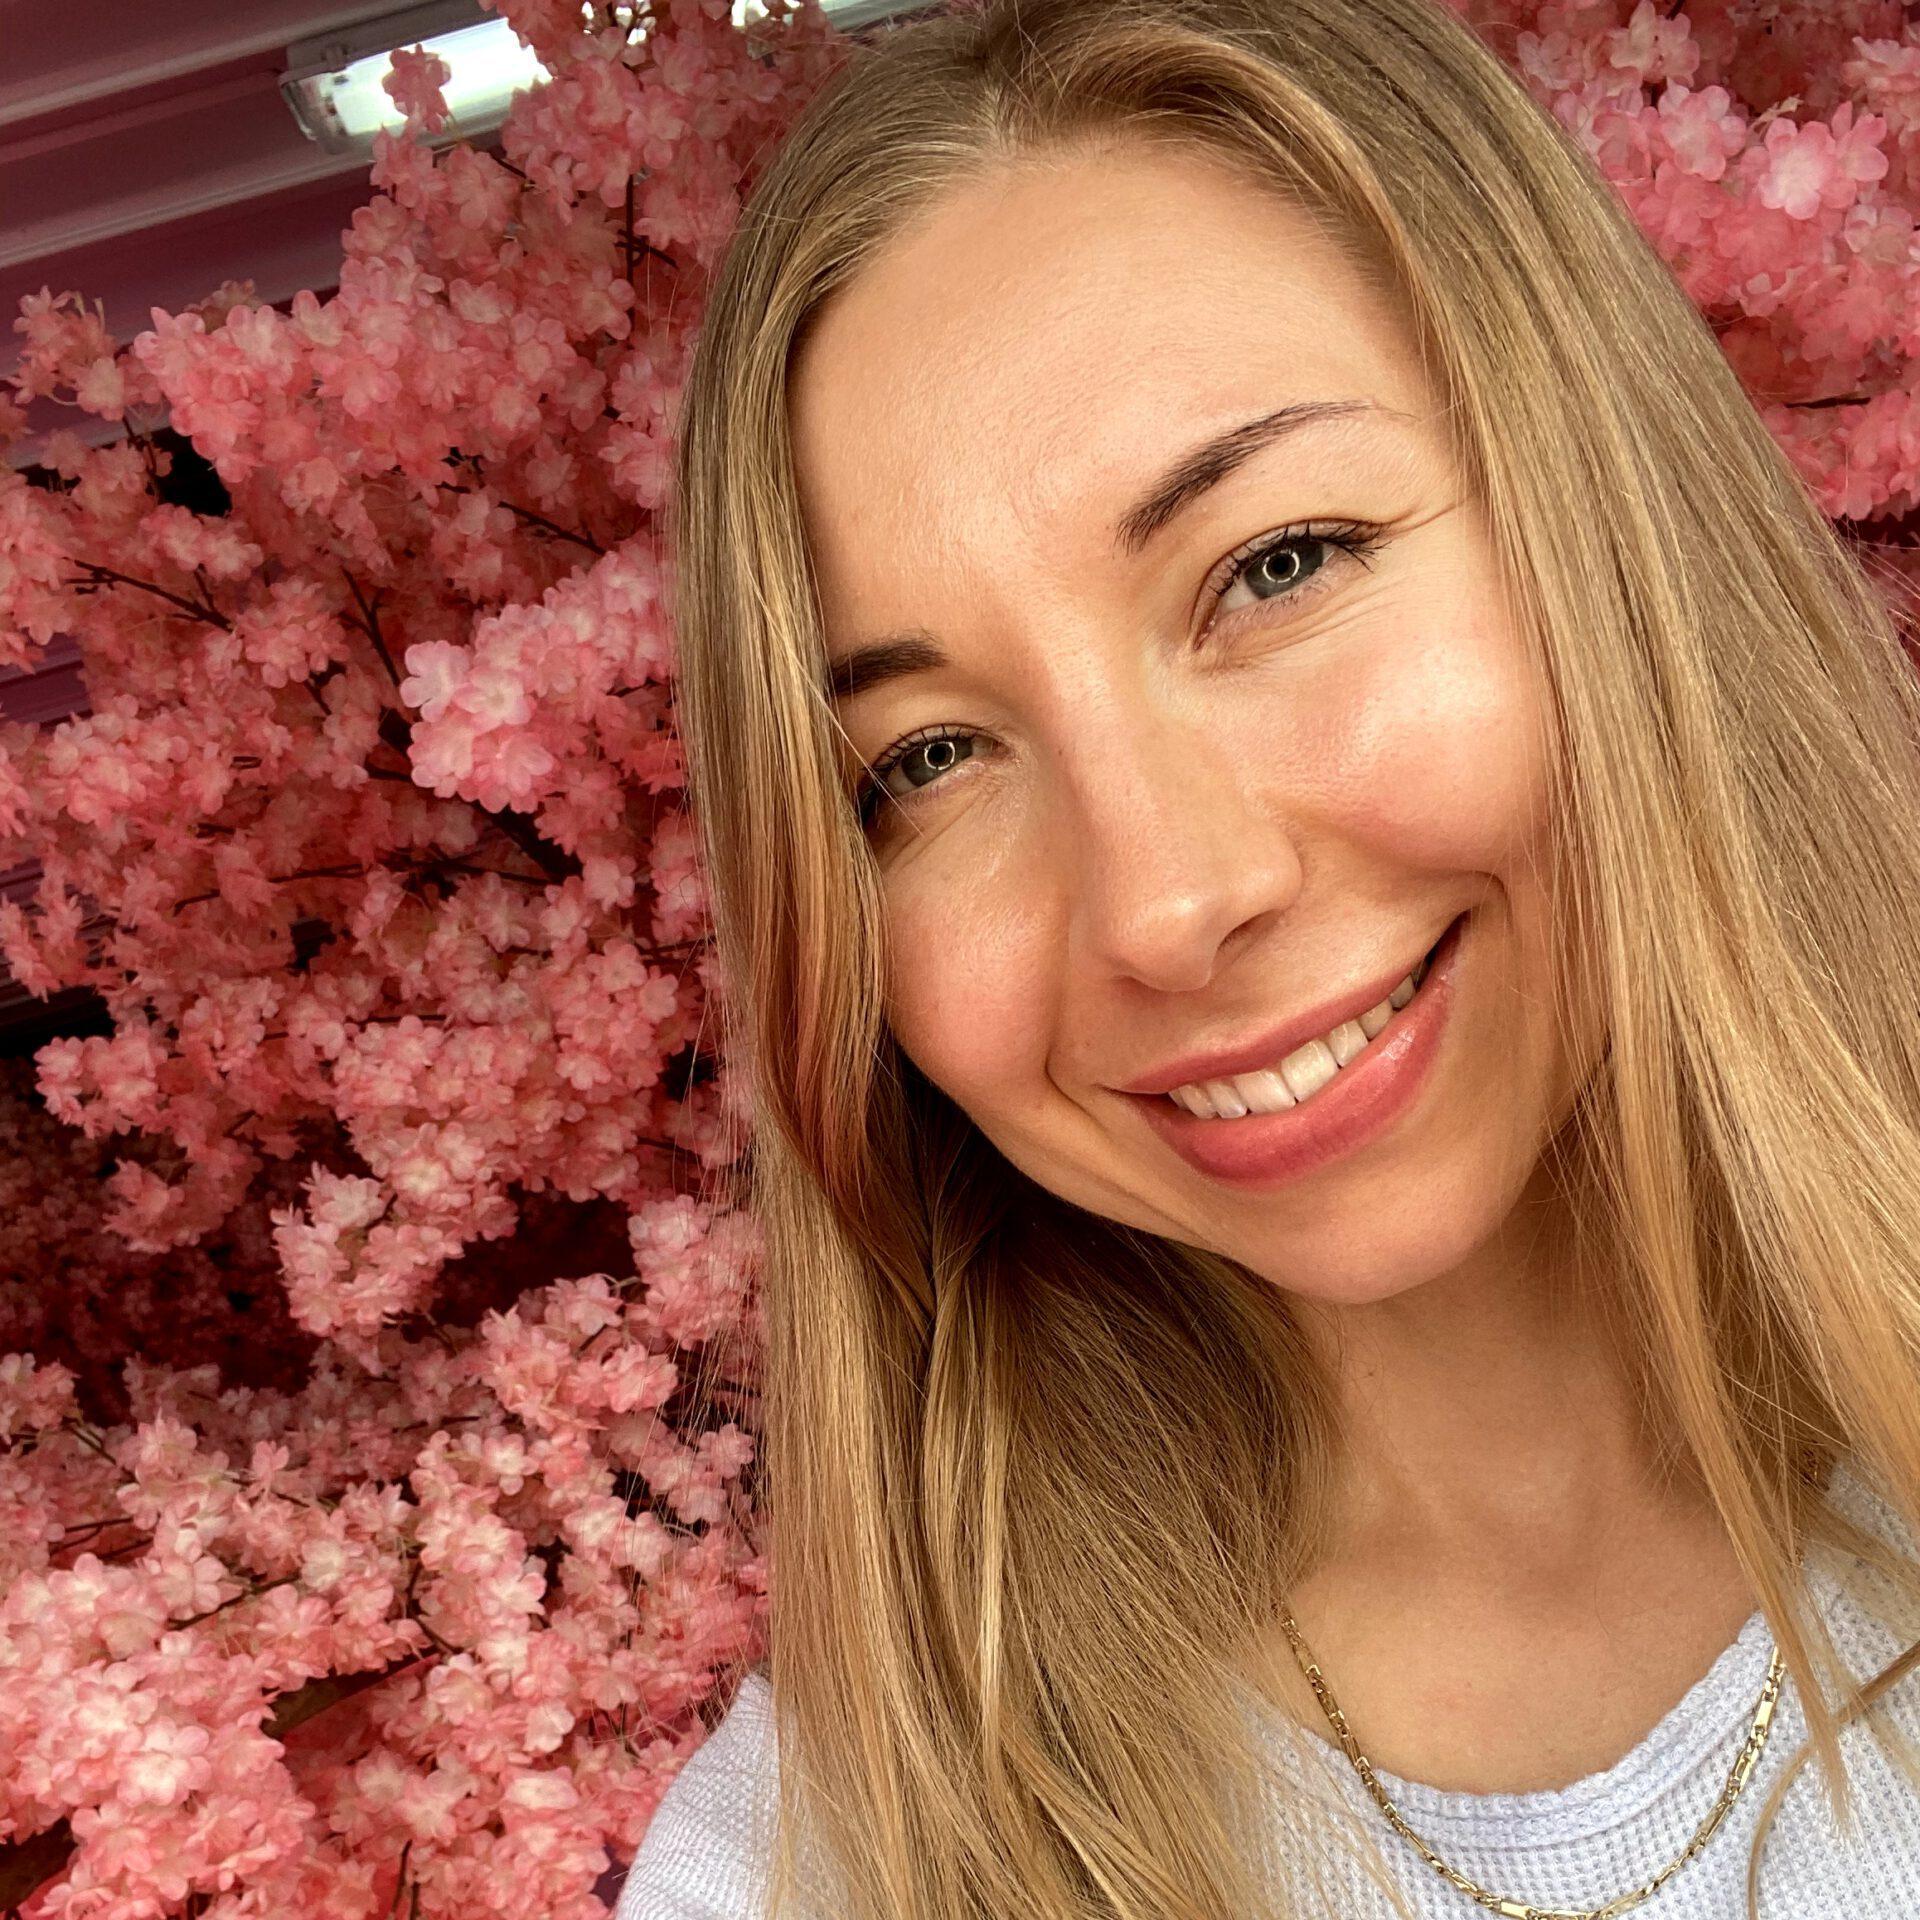 Xenia Bäuml